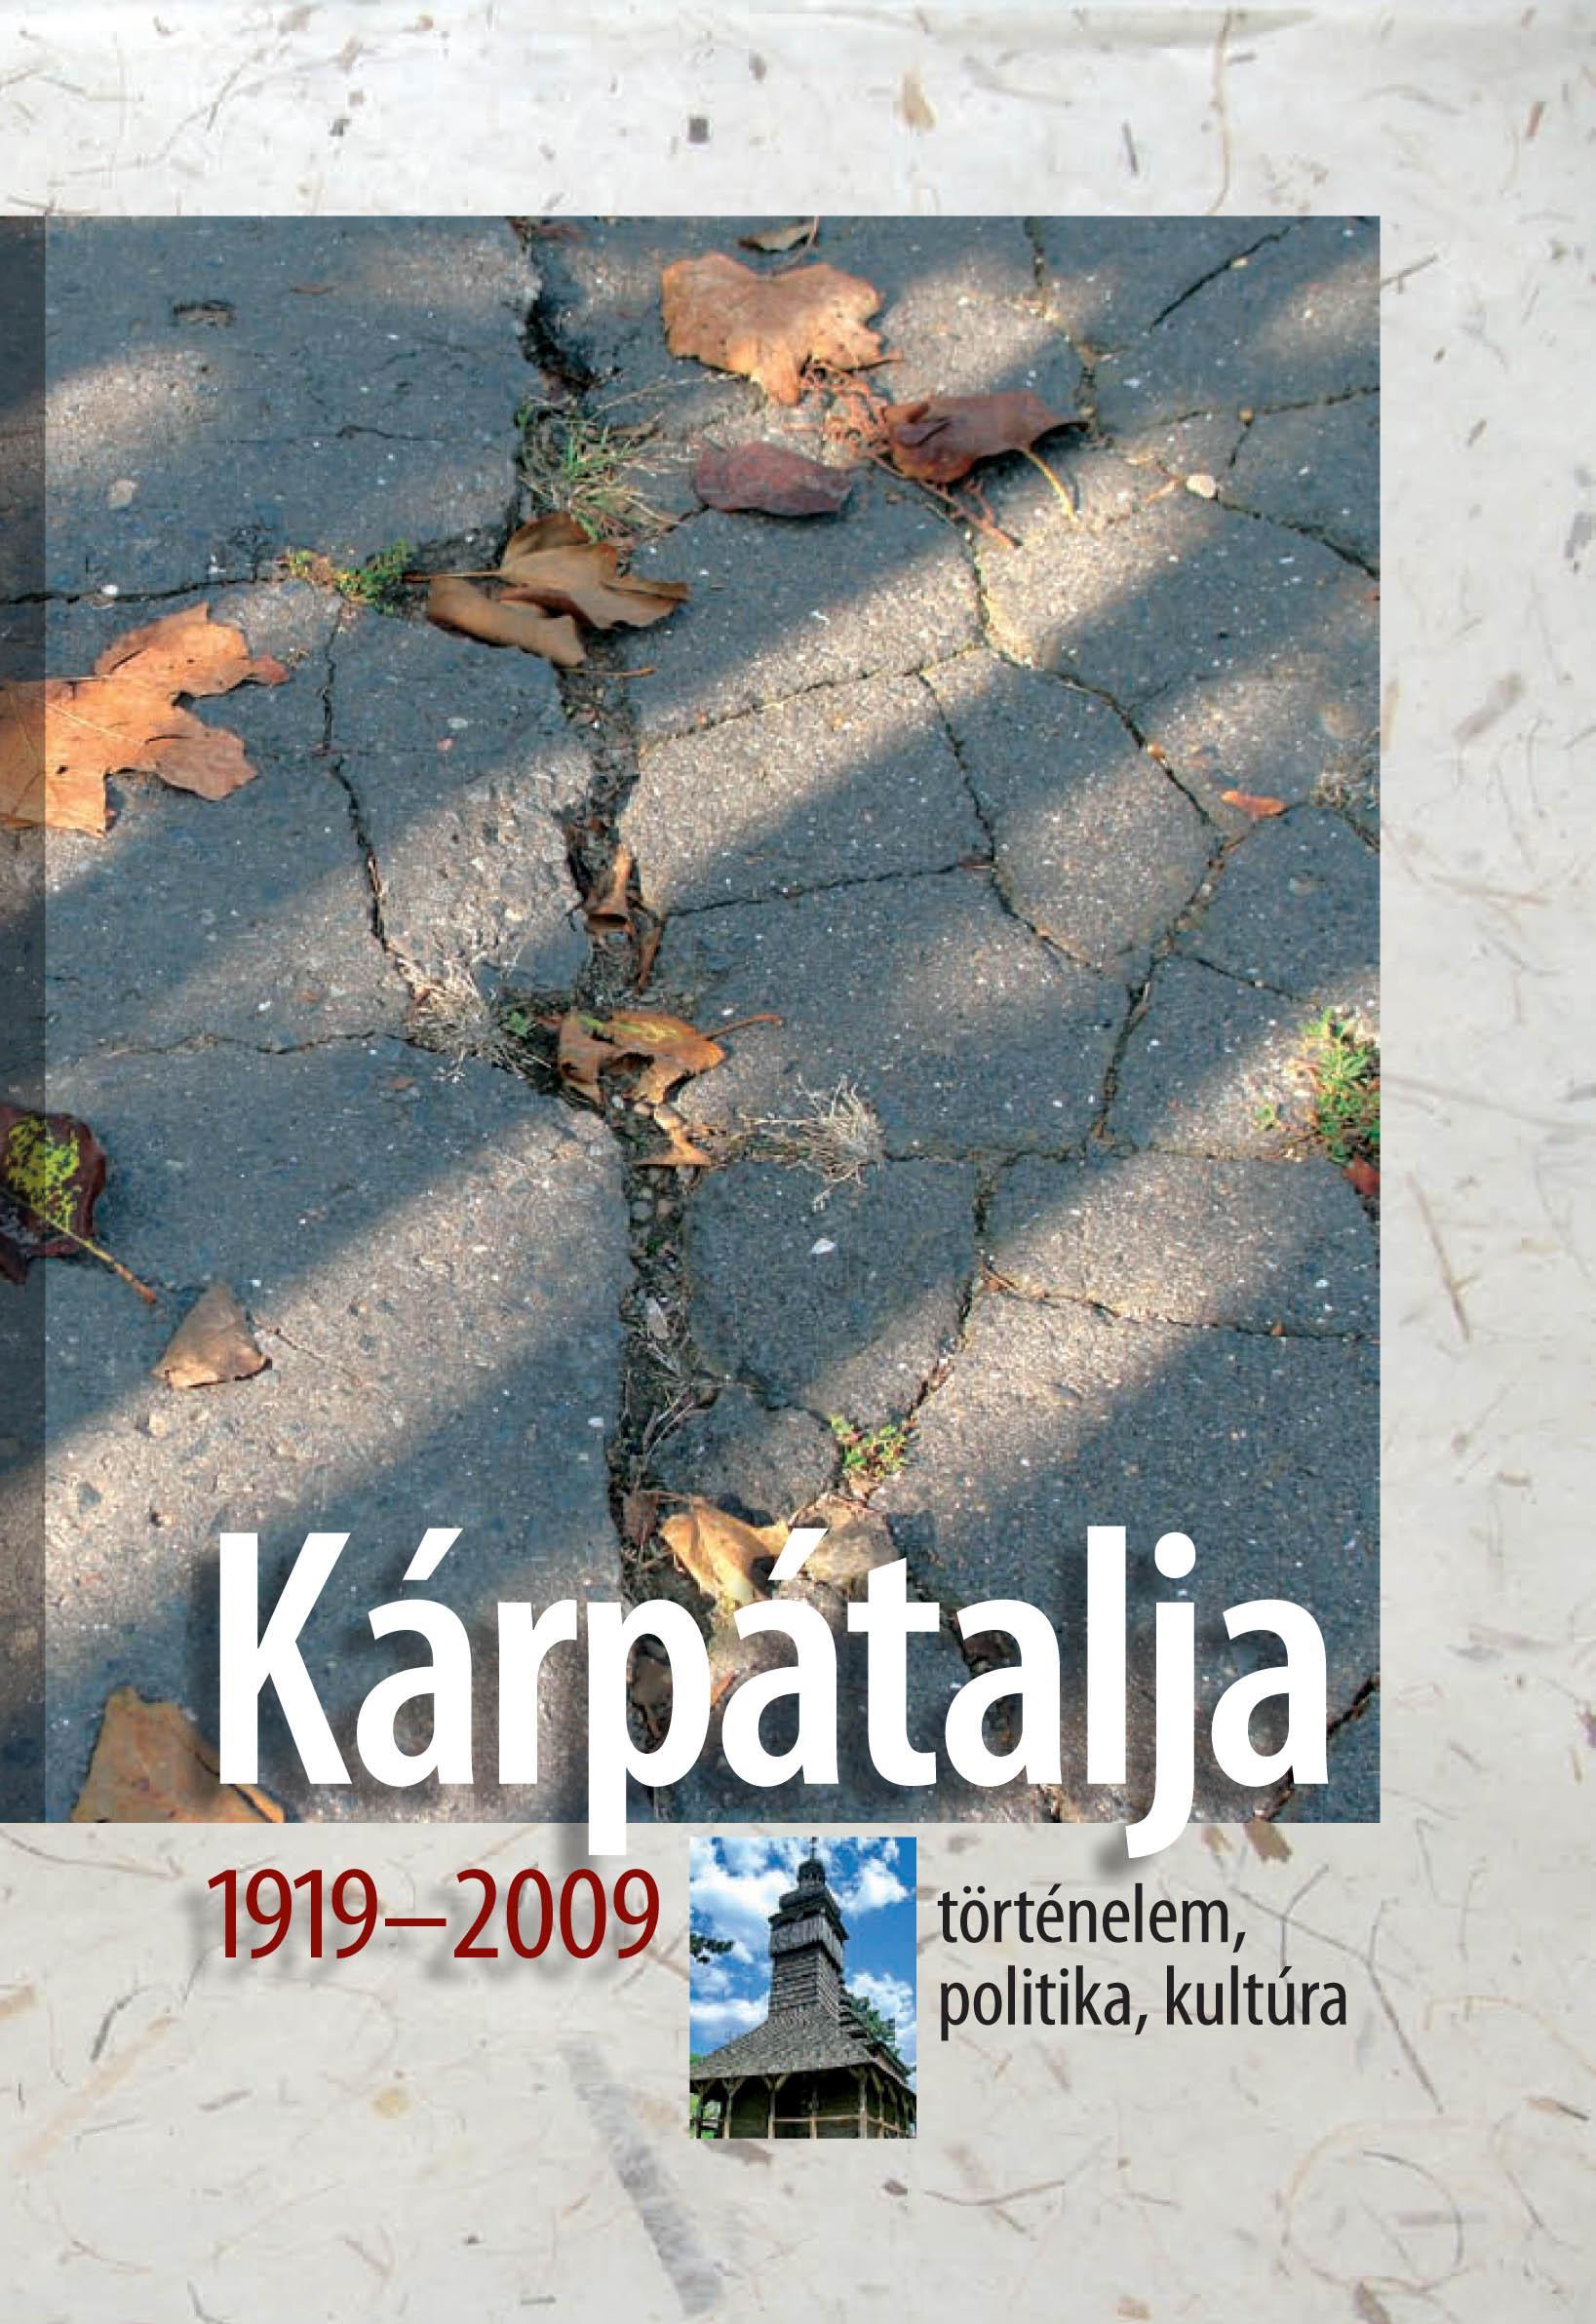 KÁRPÁTALJA 1919-2009. - TÖRTÉNELEM, POLITIKA, KULTÚRA